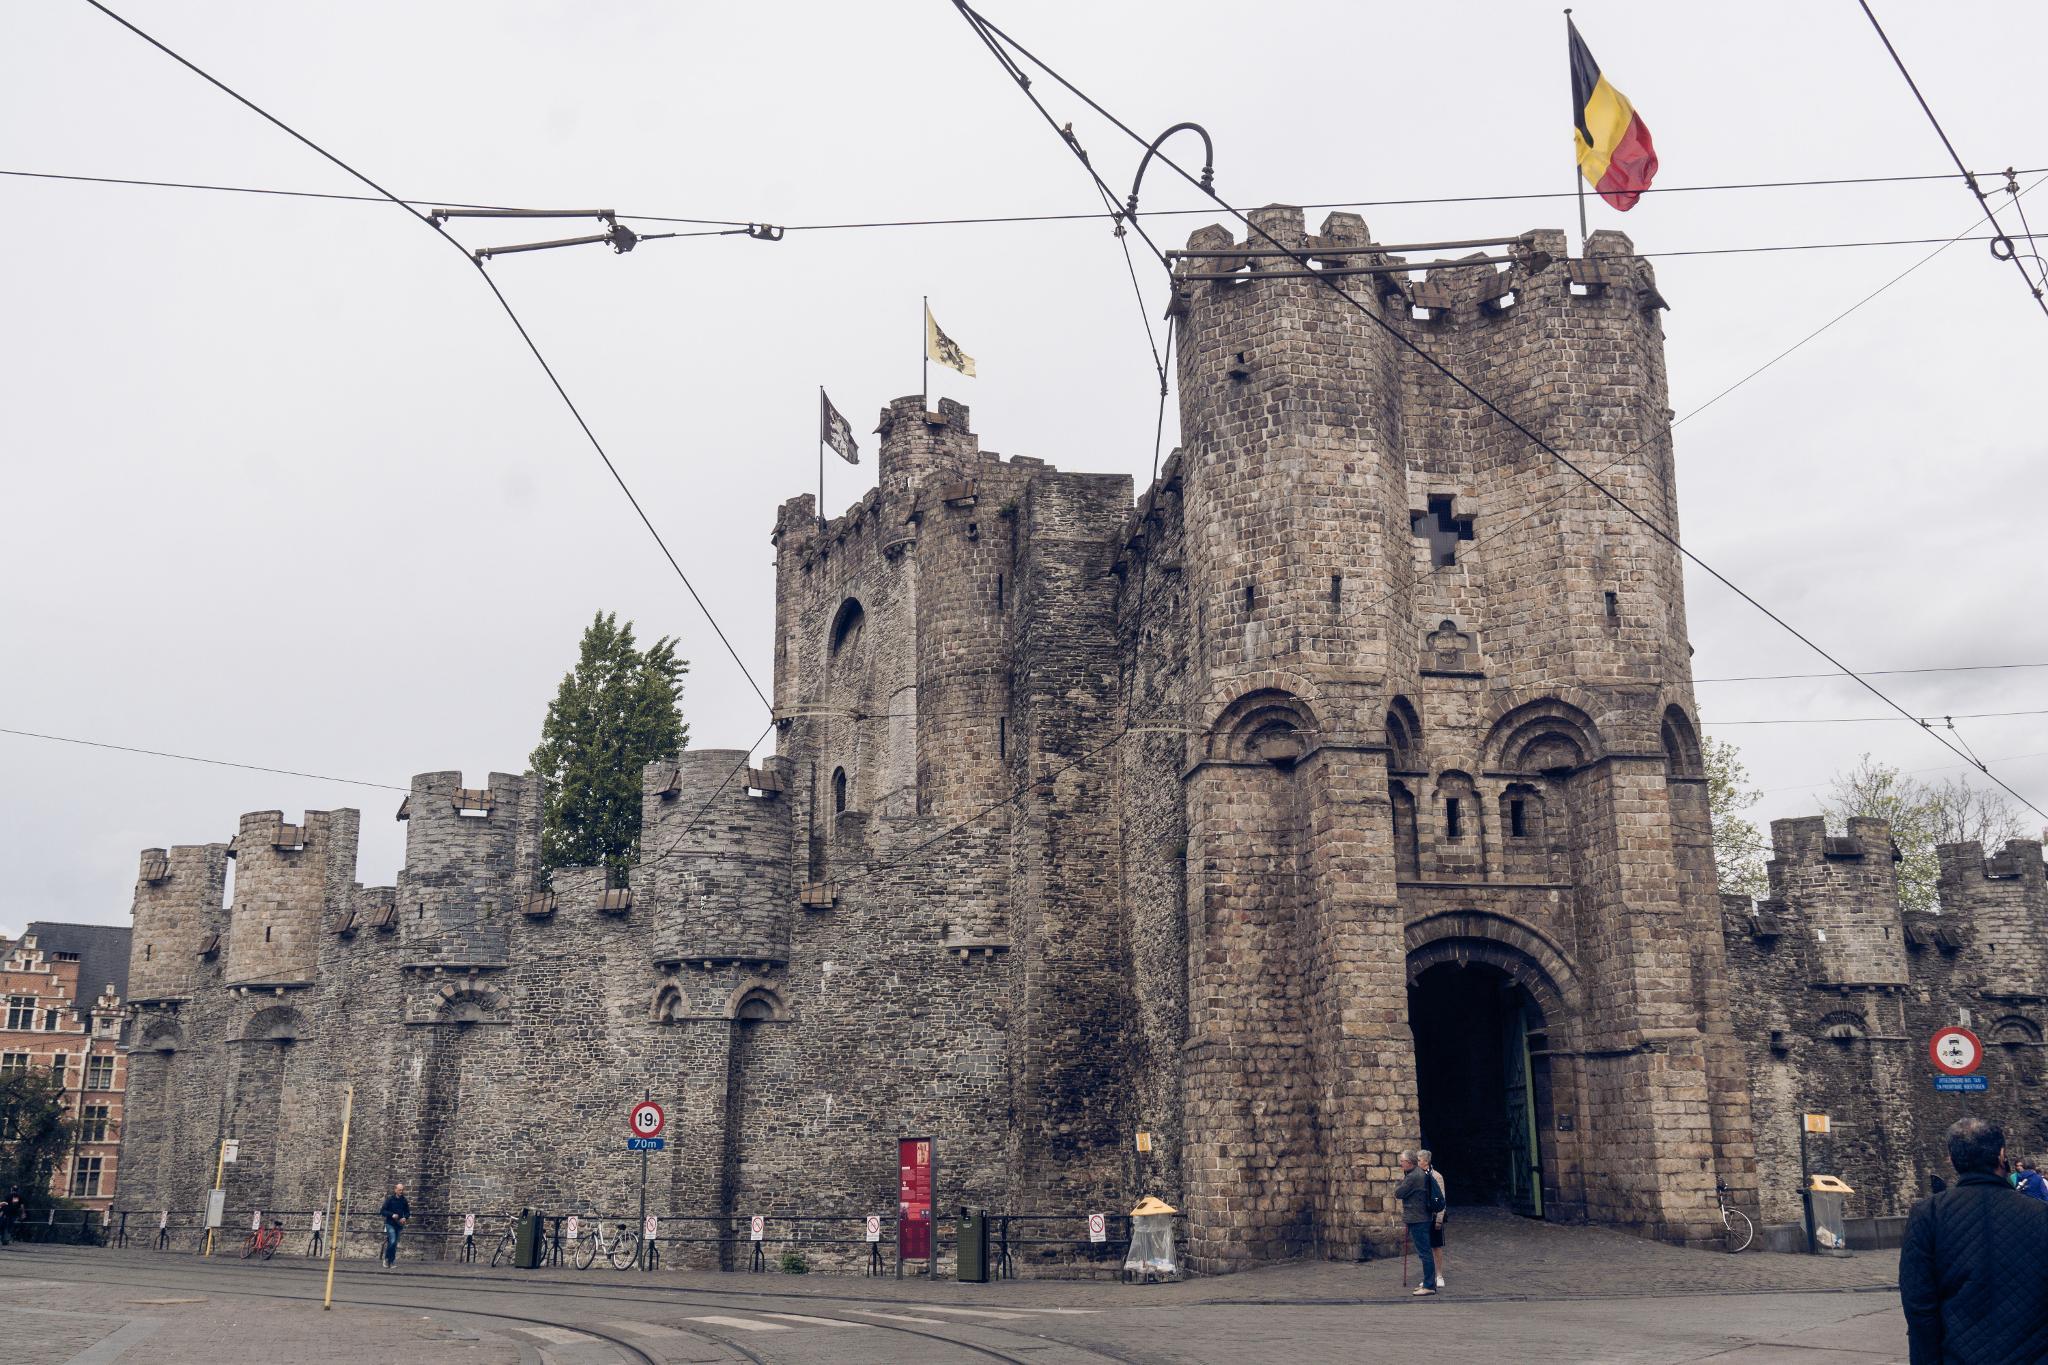 【比利時】穿梭中世紀的大城小事 — 比利時根特 (Ghent) 散步景點總整理 111